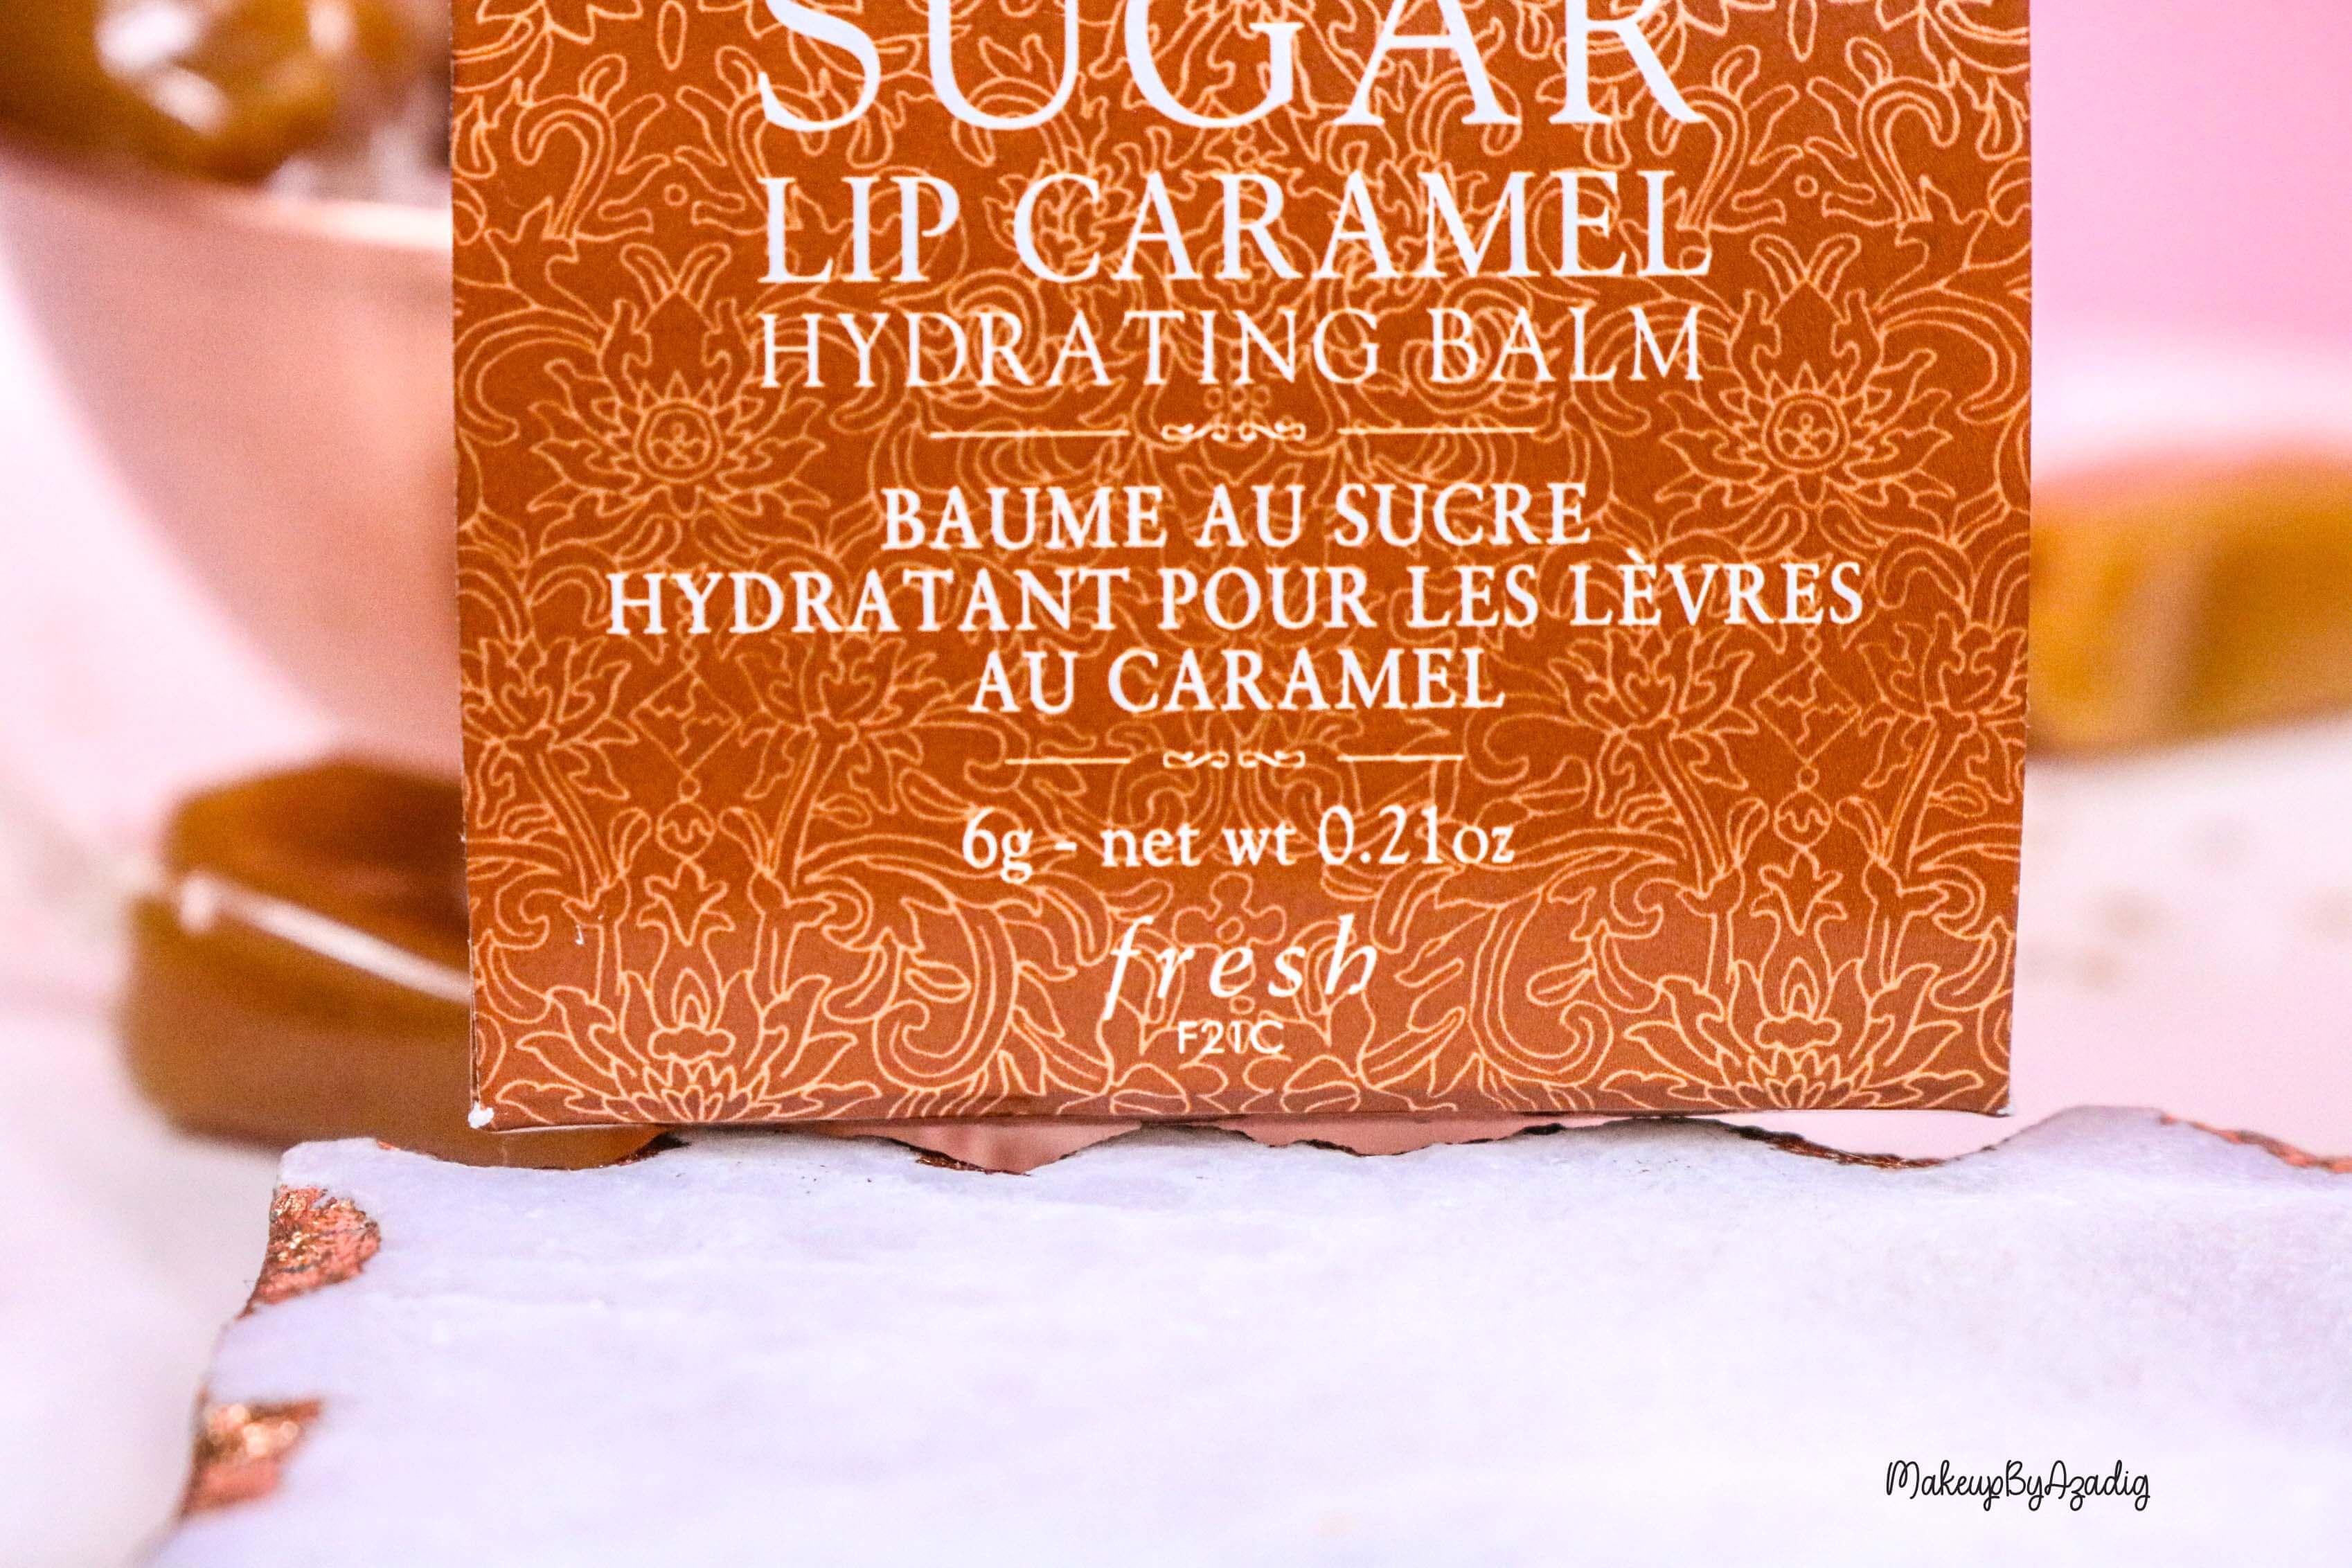 revue-baume-sucre-fresh-beauty-skincare-caramel-sugar-lip-caramel-sephora-makeupbyazadig-avis-prix-balm-poids